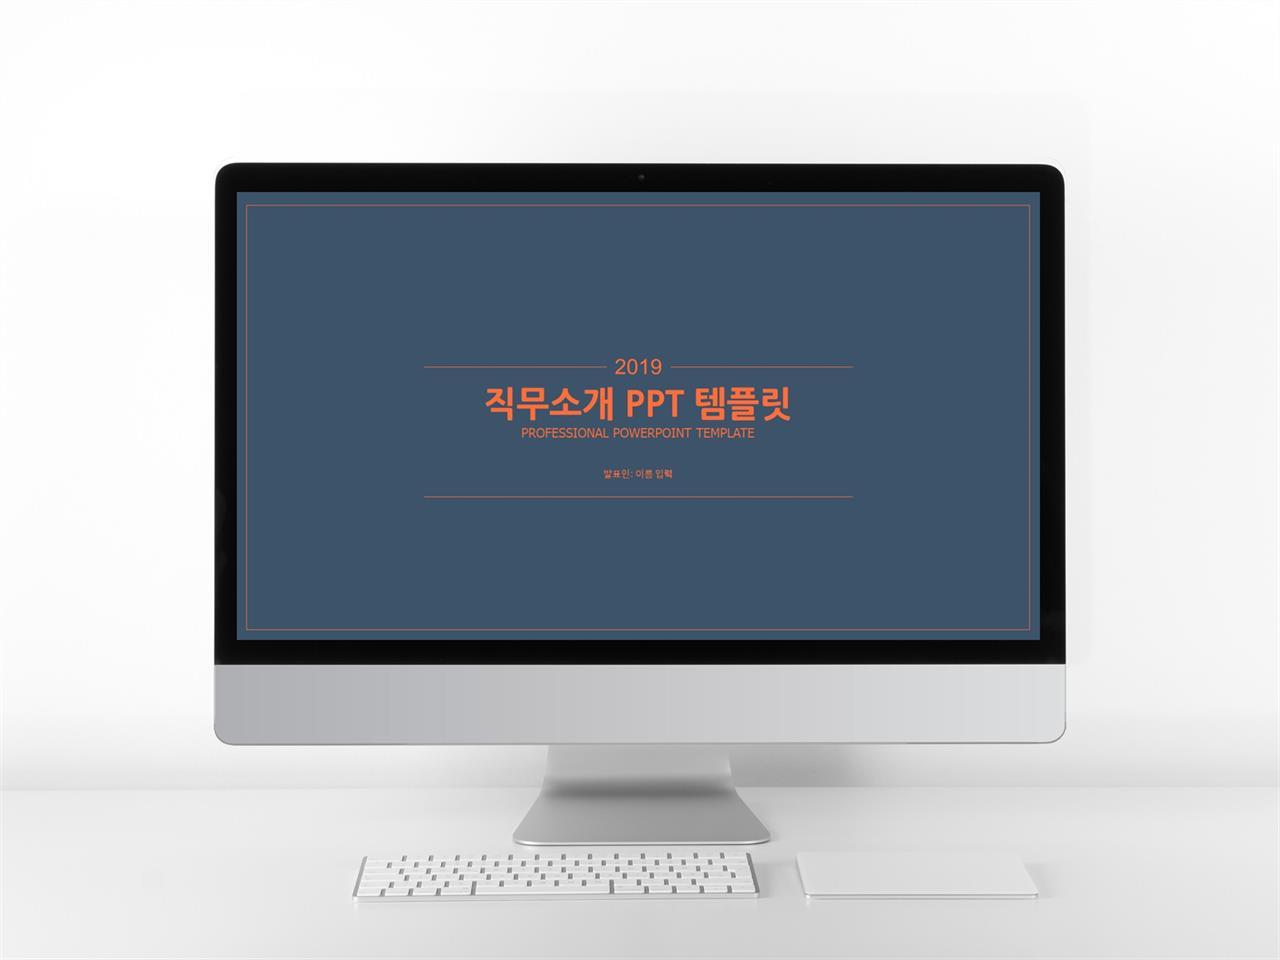 업무일지 귤색 손쉬운 프로급 POWERPOINT서식 사이트 미리보기